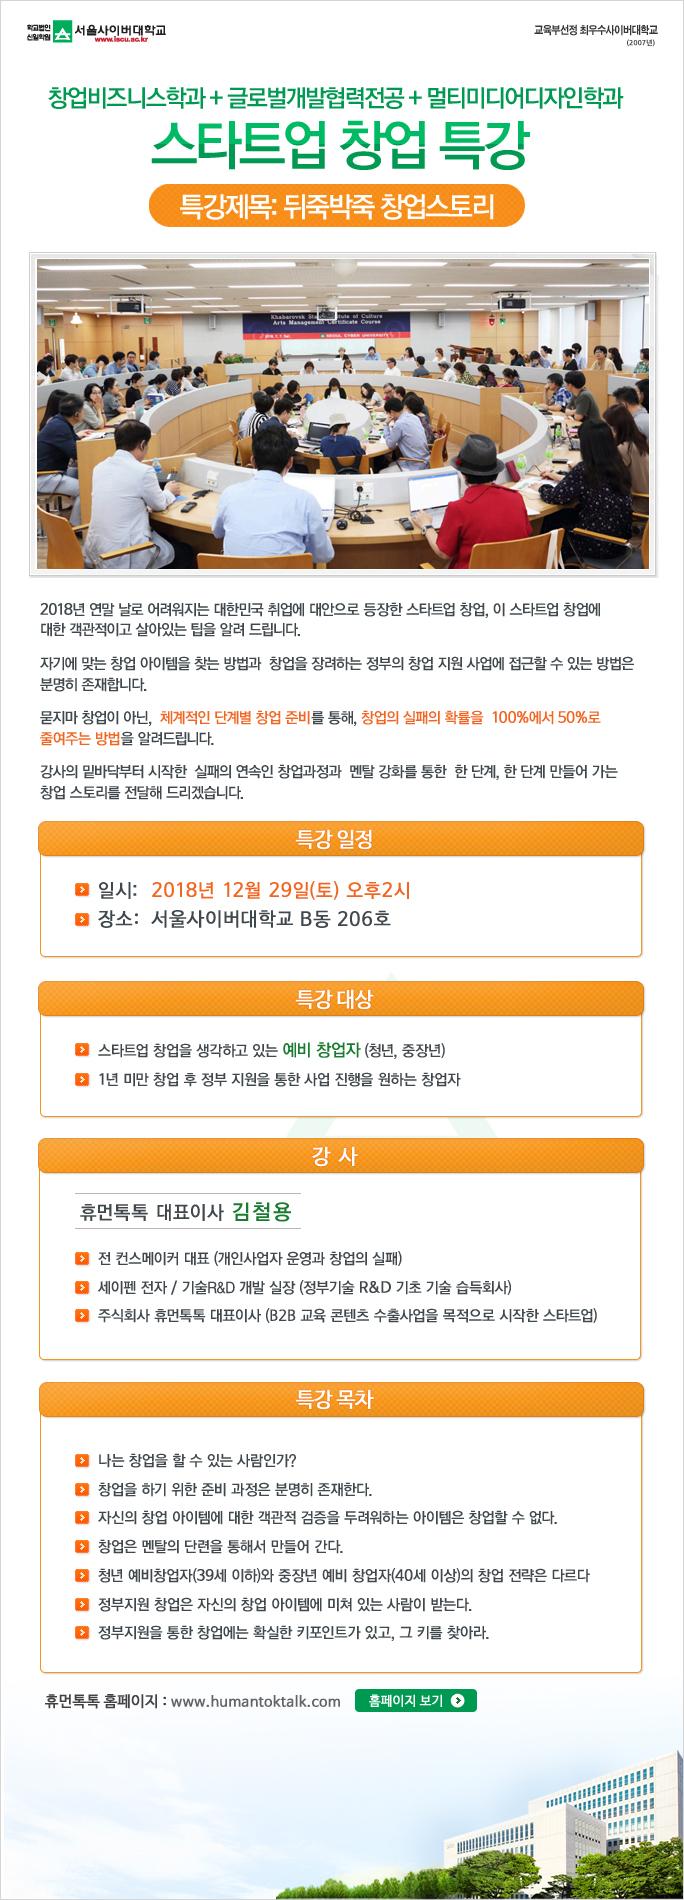 스타트업 창업특강: 뒤죽박죽 창업스토리